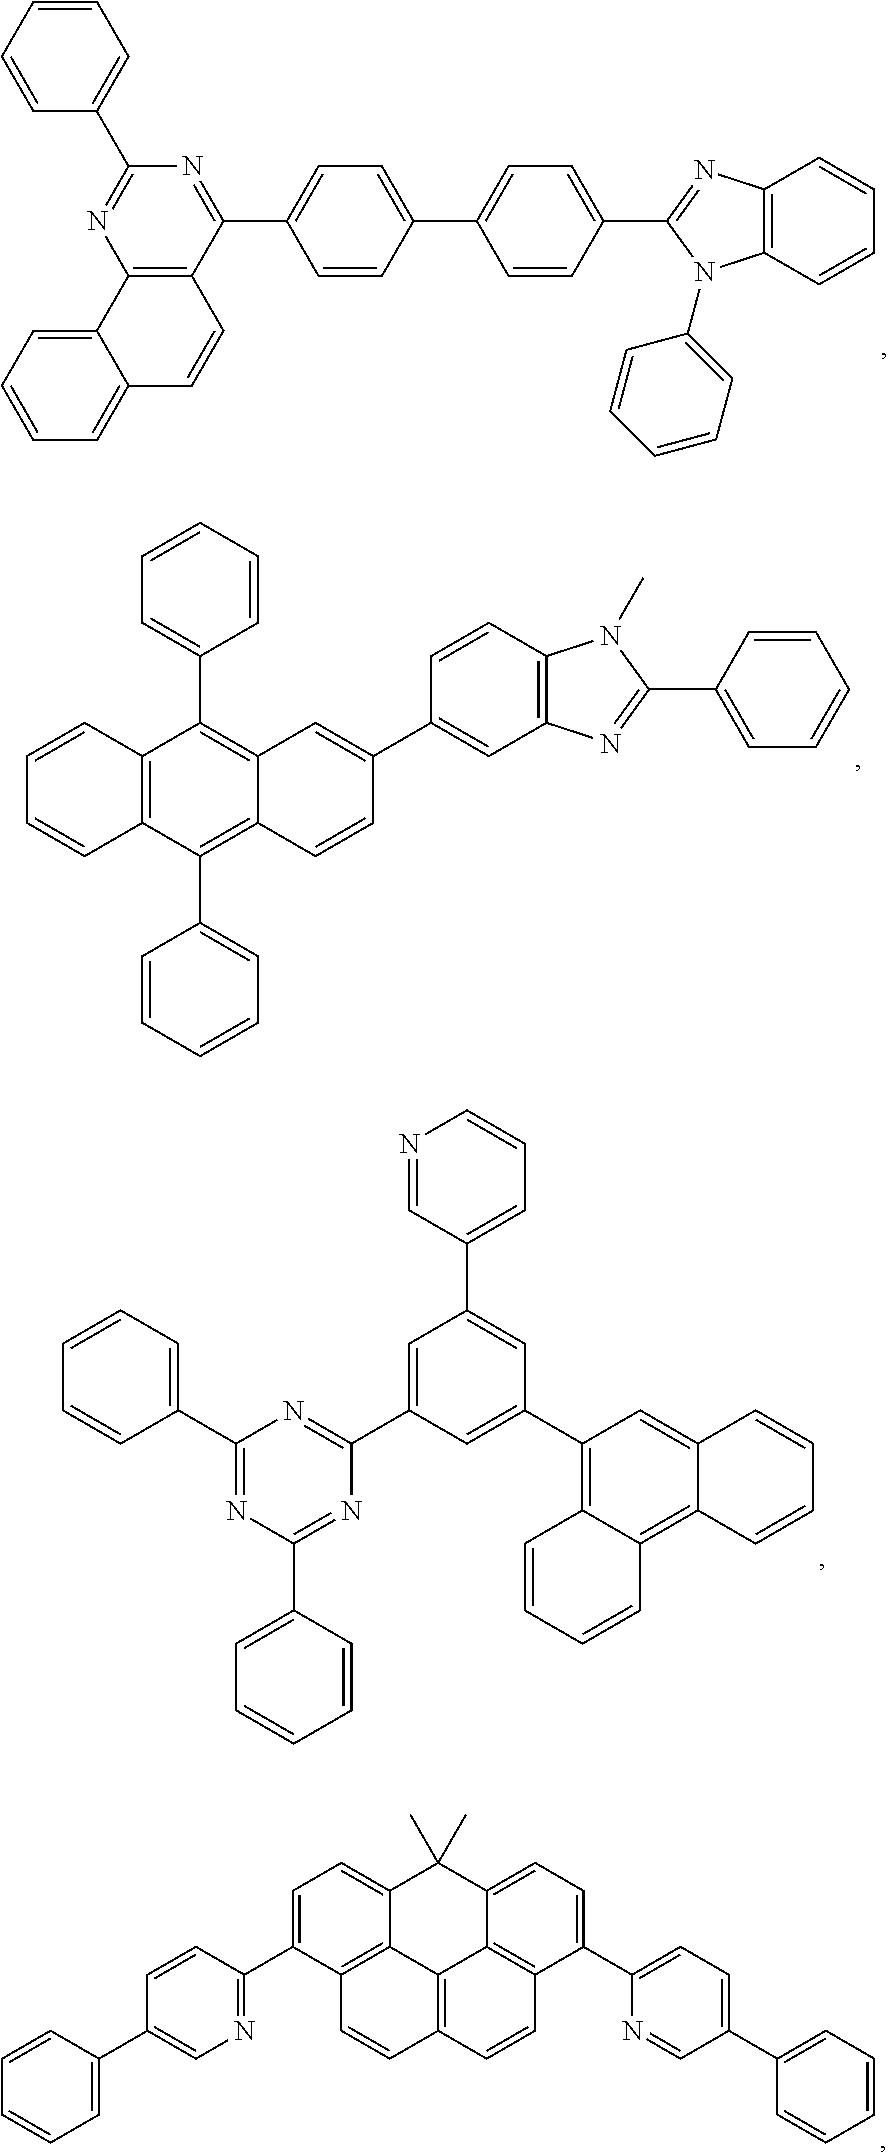 Figure US20180130962A1-20180510-C00199